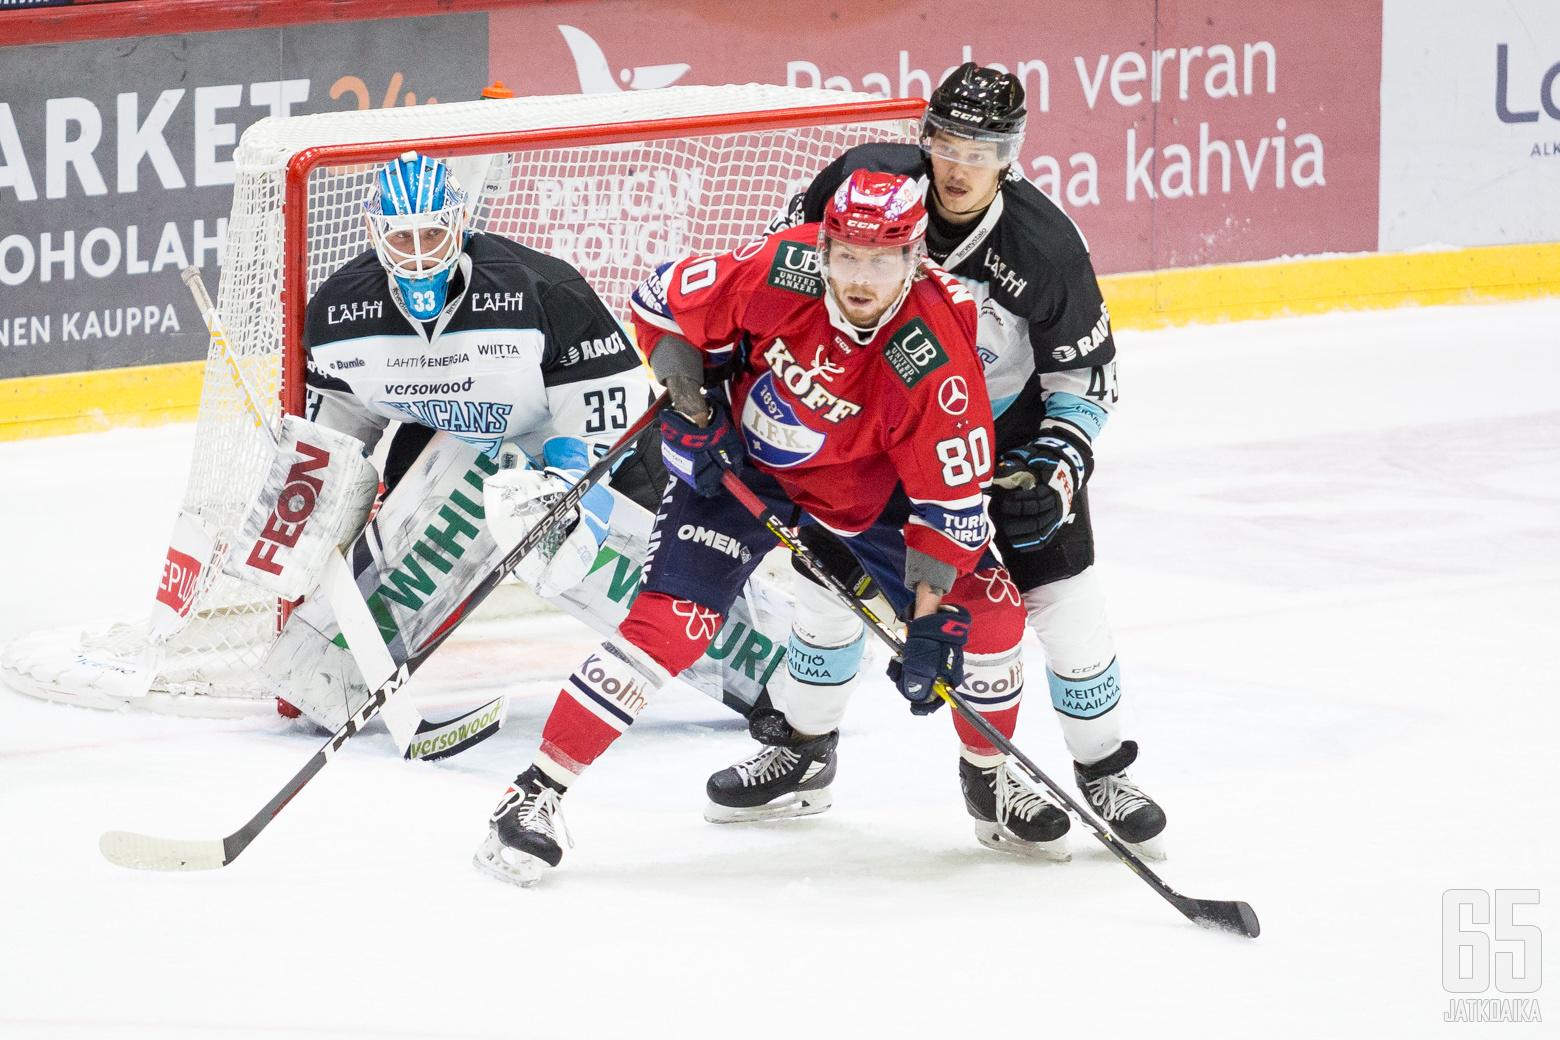 Lahden Pelicansin Tomi Karhunen (33) ottelussa HIFK - Pelicans, 04/10/2019, Helsingin Jäähalli, Helsinki, Suomi. Photo: Joonas Kämäräinen